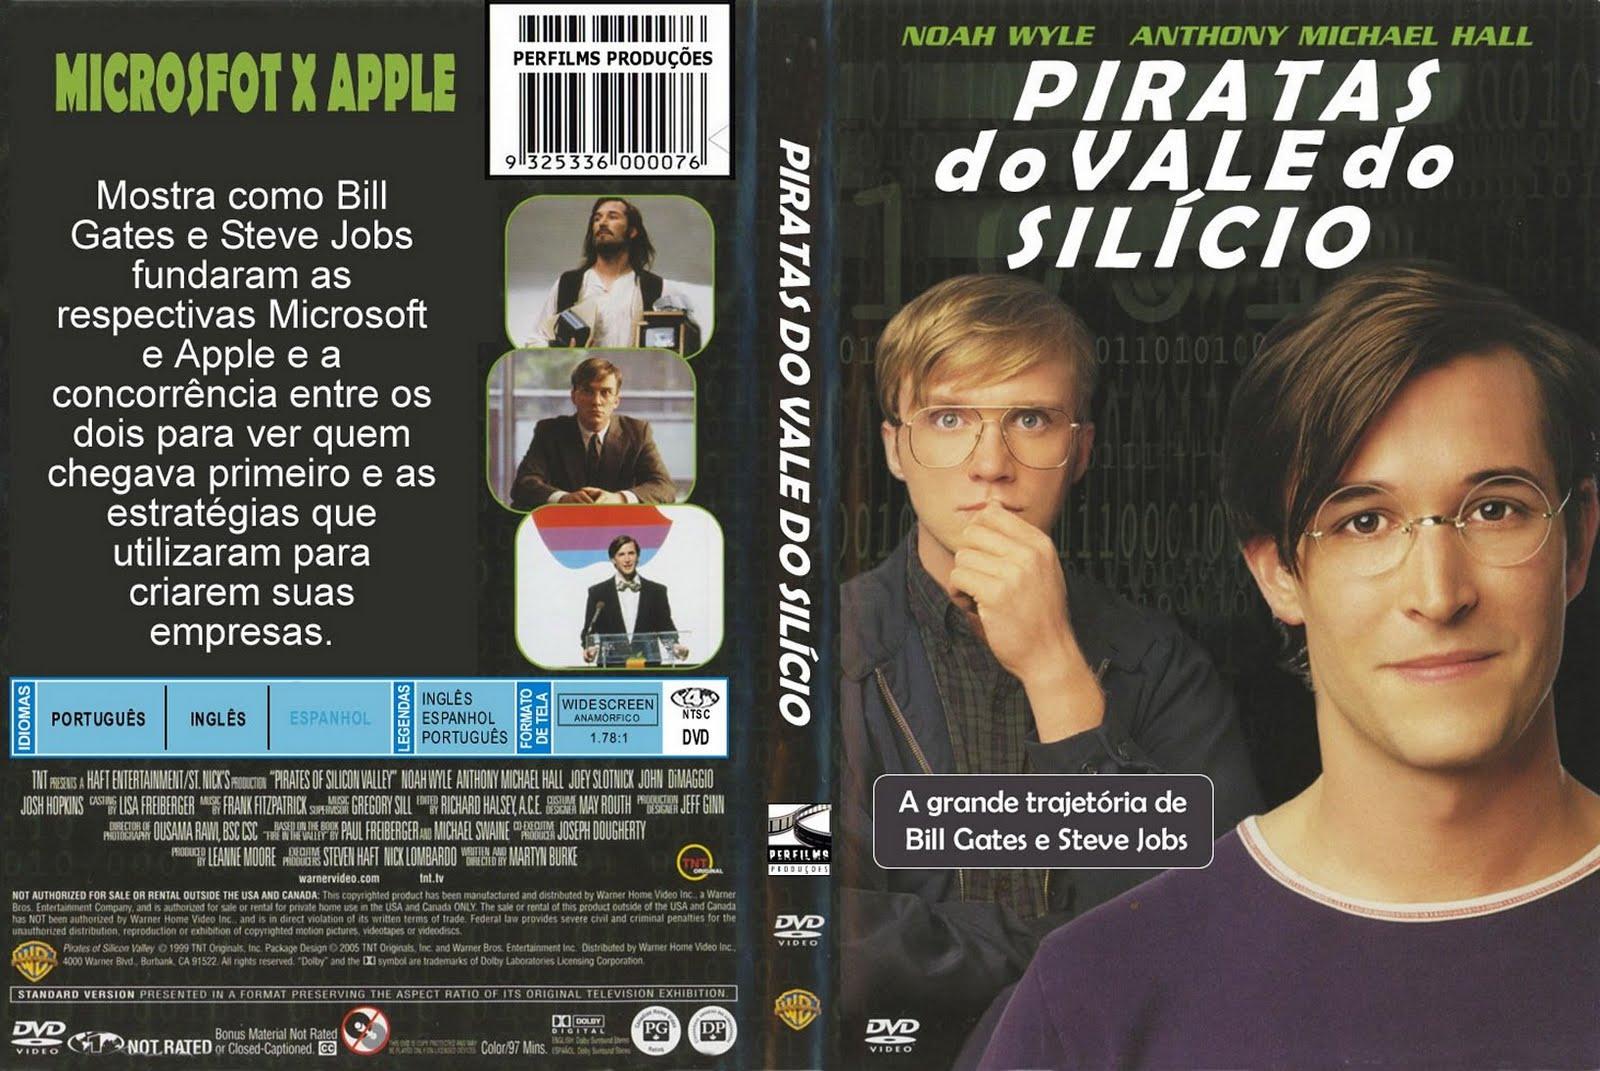 Piratas do Vale do Silício